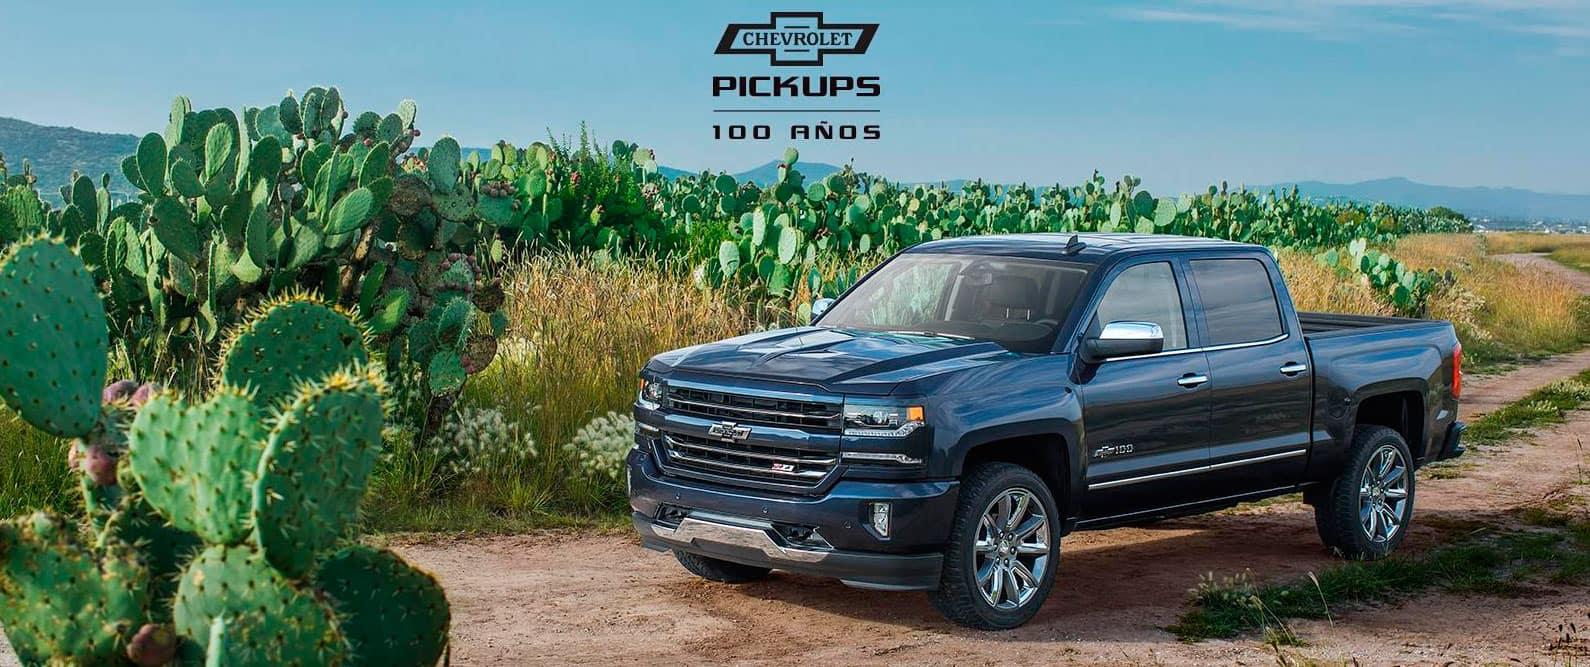 Chevrolet Centennial 2018